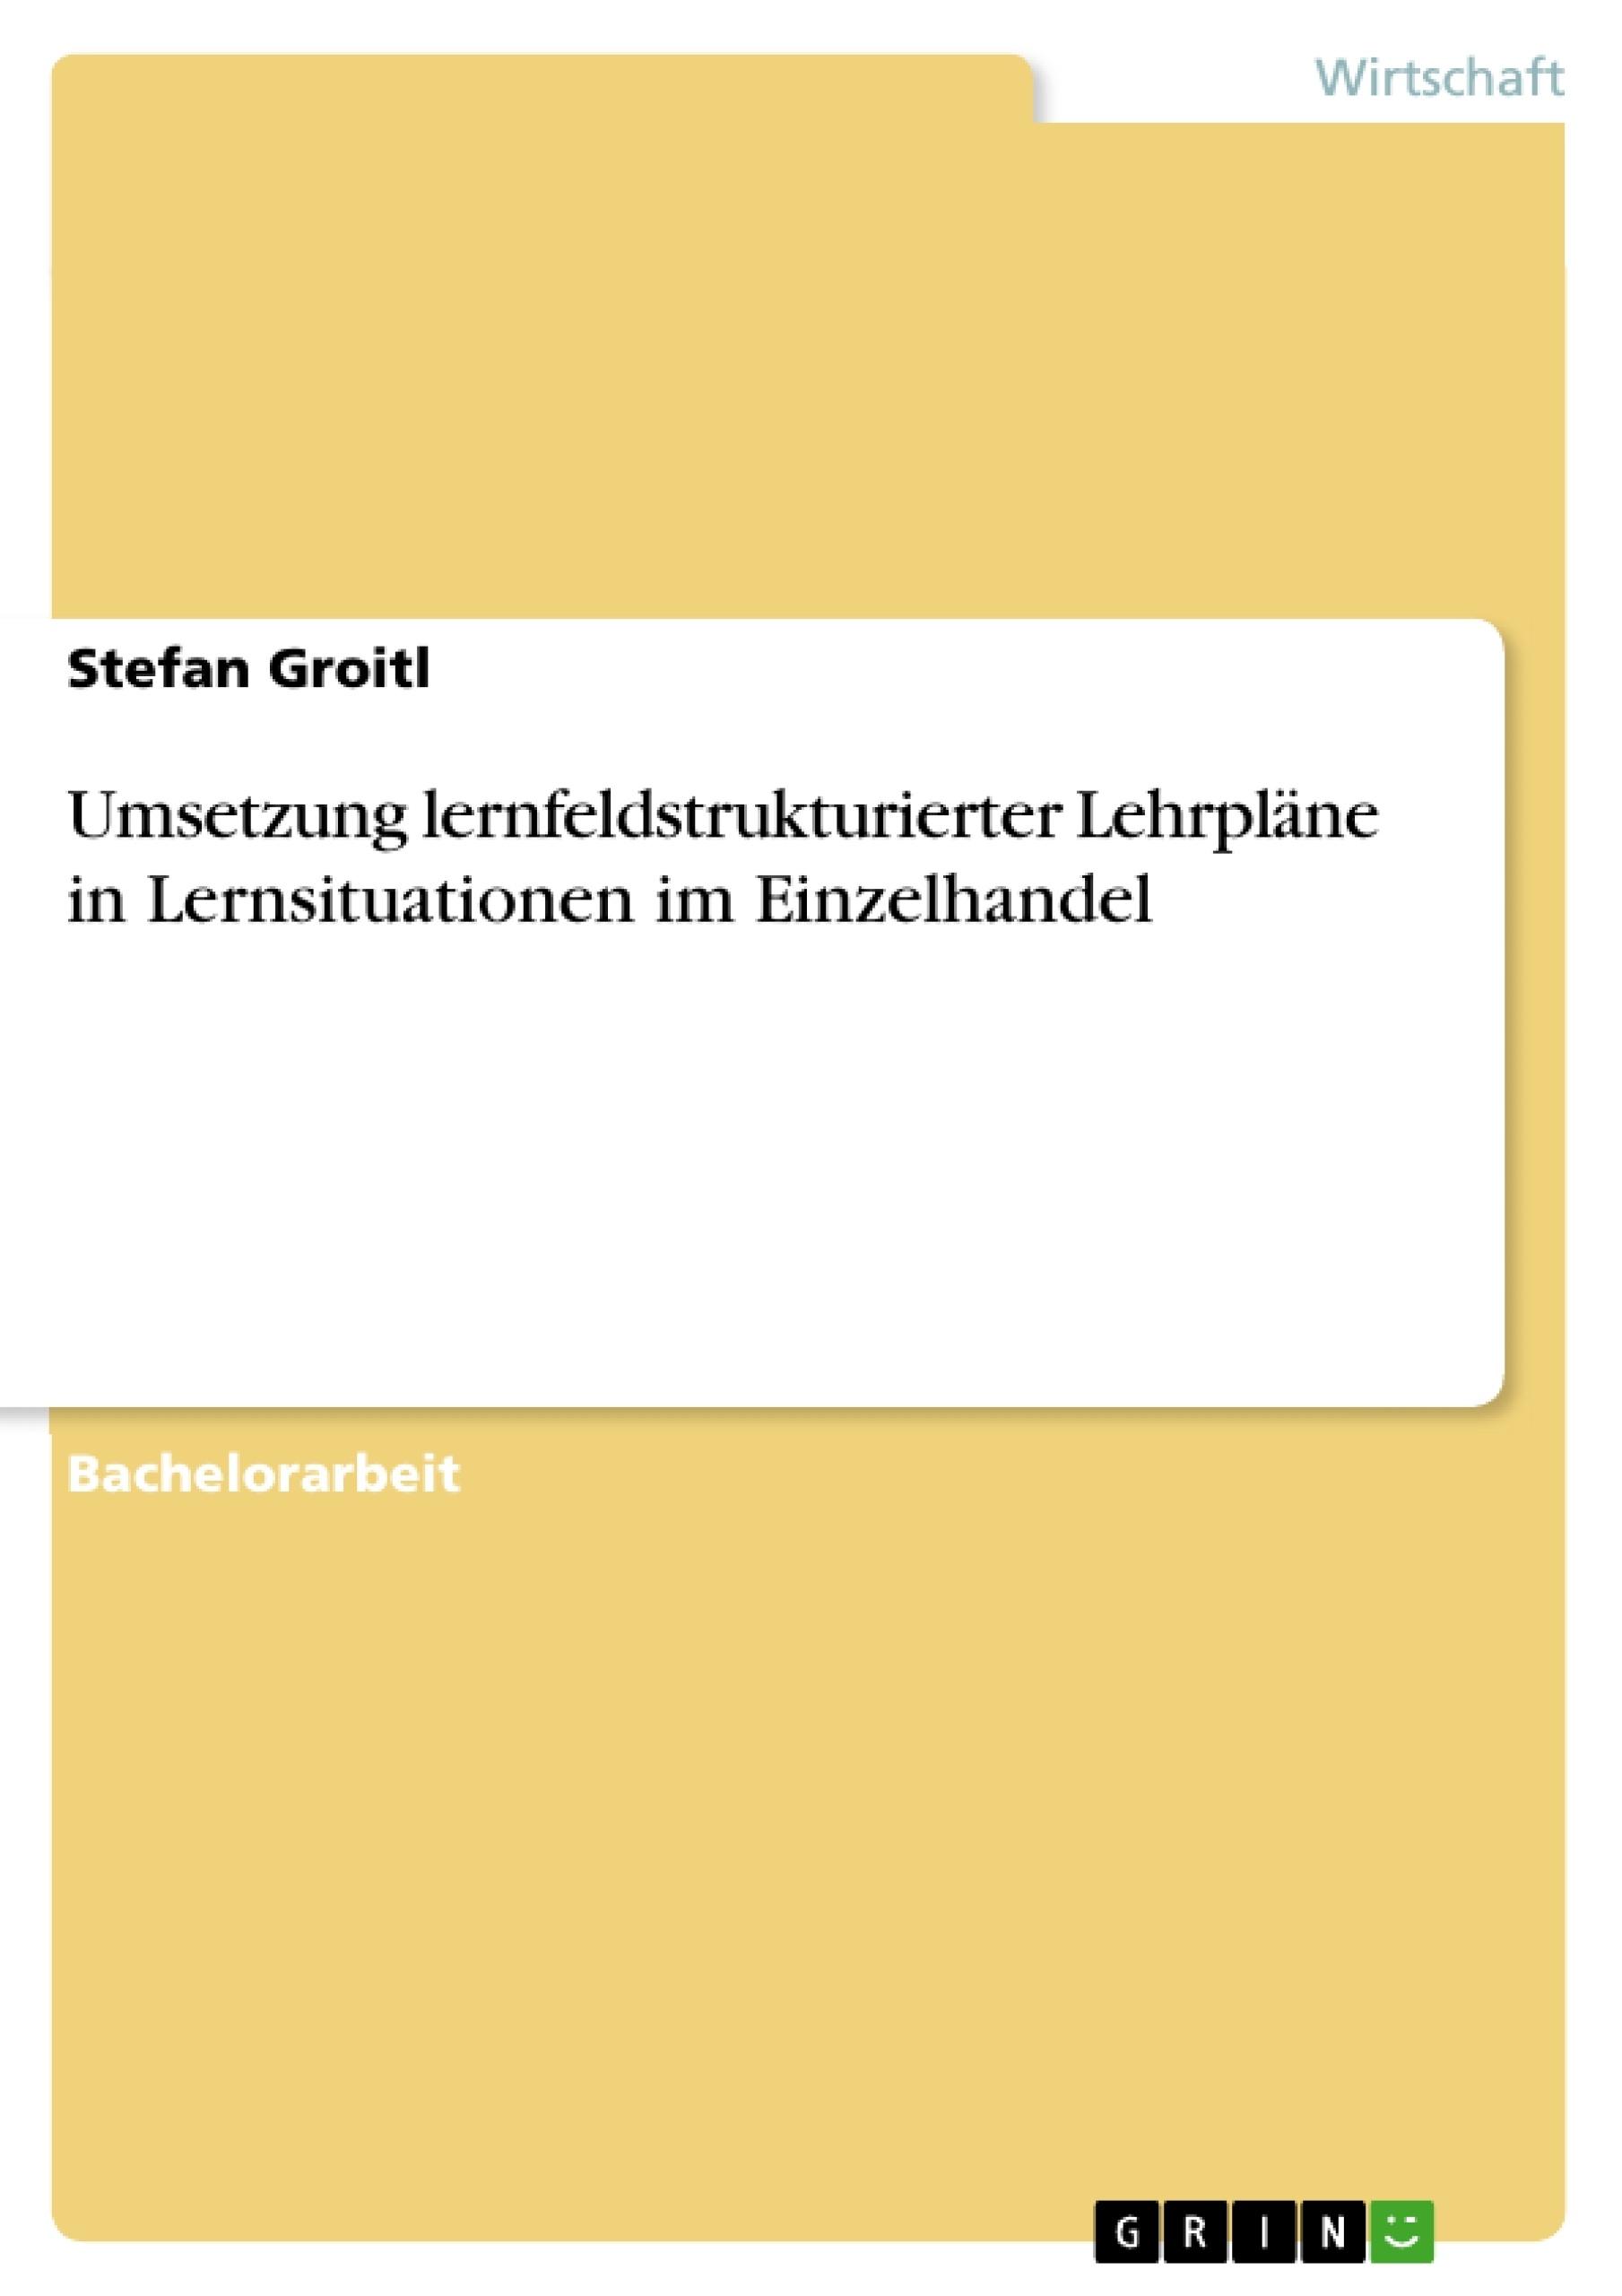 Titel: Umsetzung lernfeldstrukturierter Lehrpläne in Lernsituationen im Einzelhandel